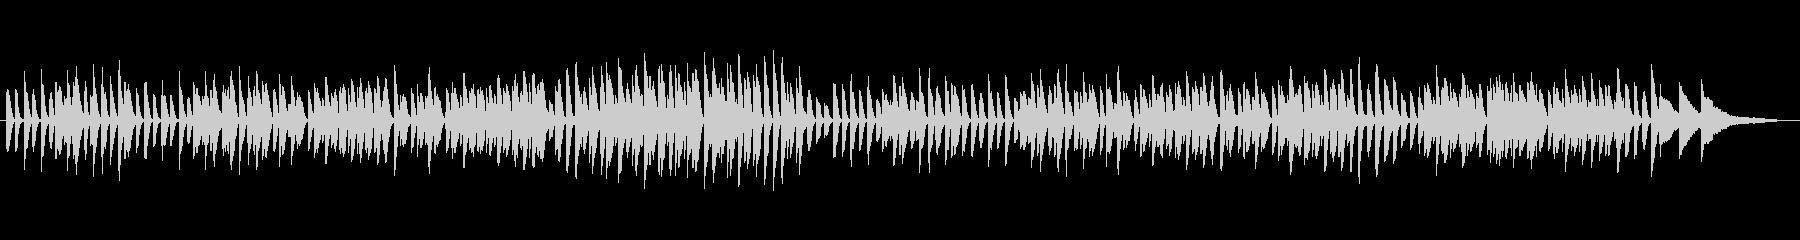 かわいくてほのぼのしたピアノソロBGMの未再生の波形